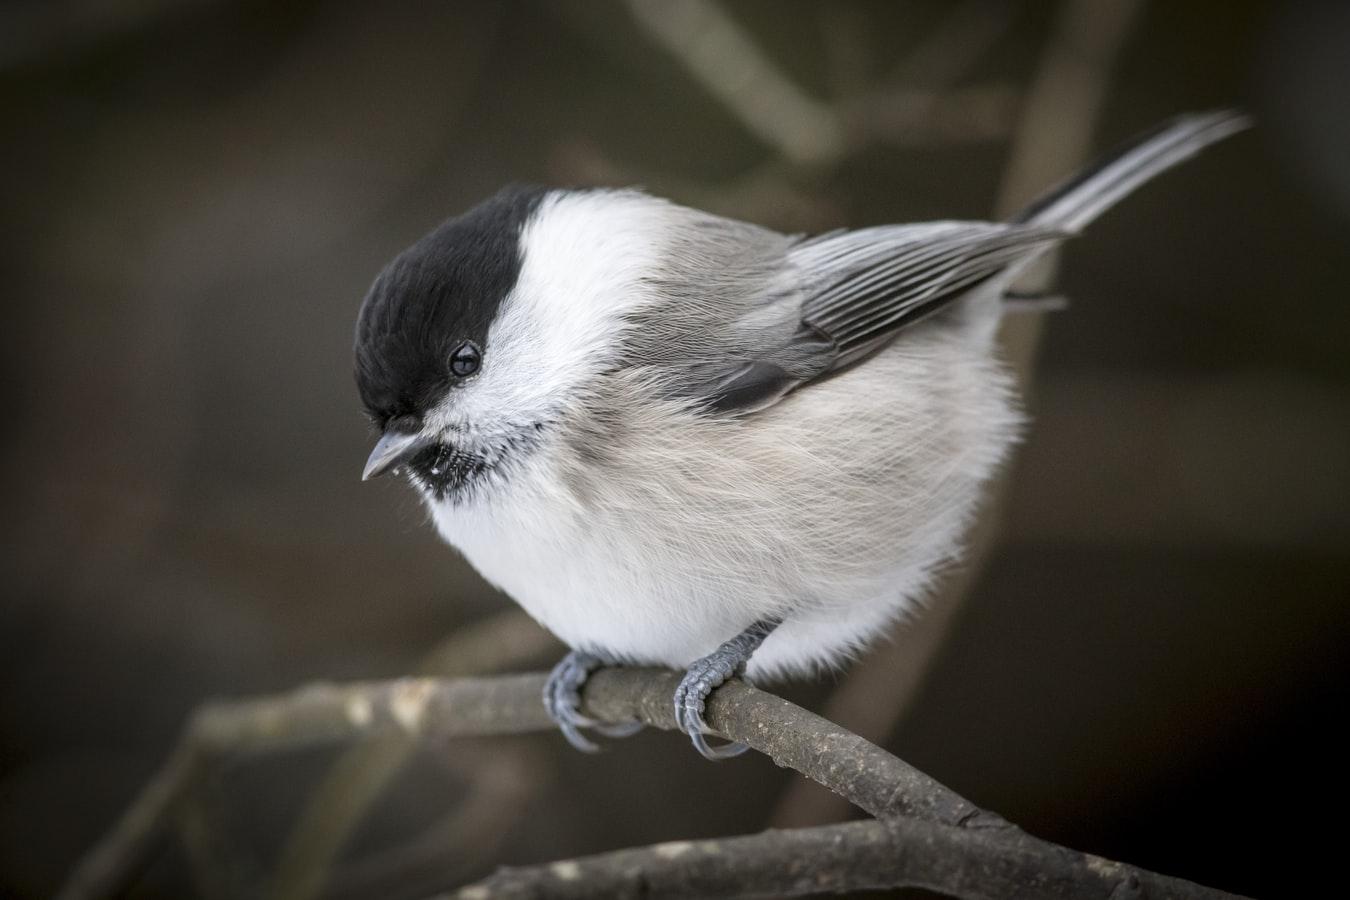 Where do birds go when the wind blows